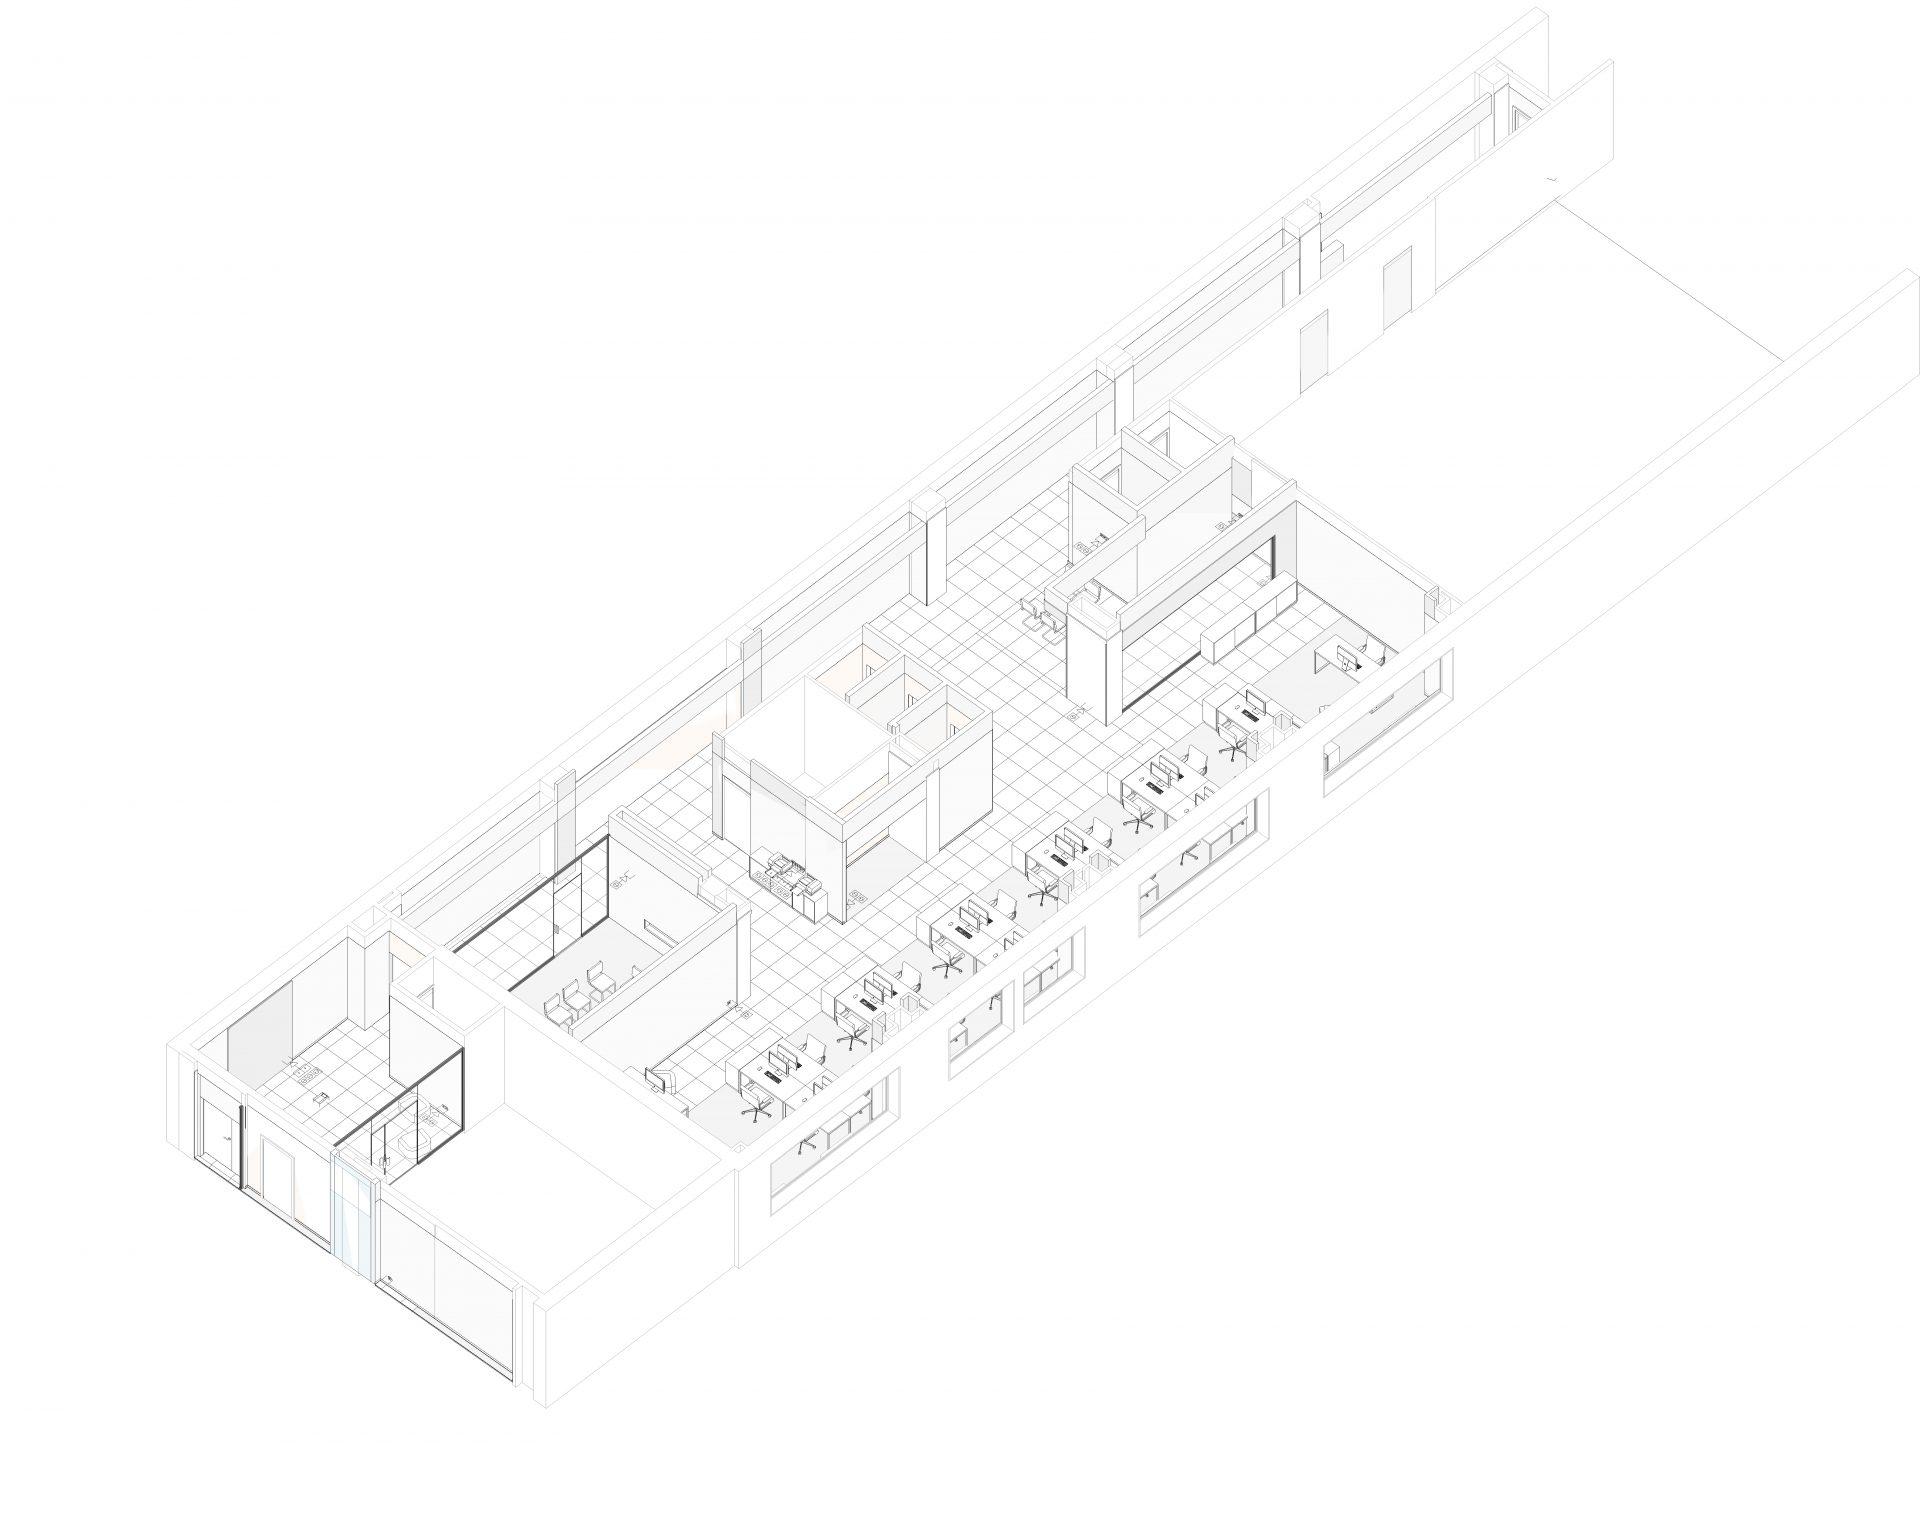 3д модель интерьера офиса Gemalto 3